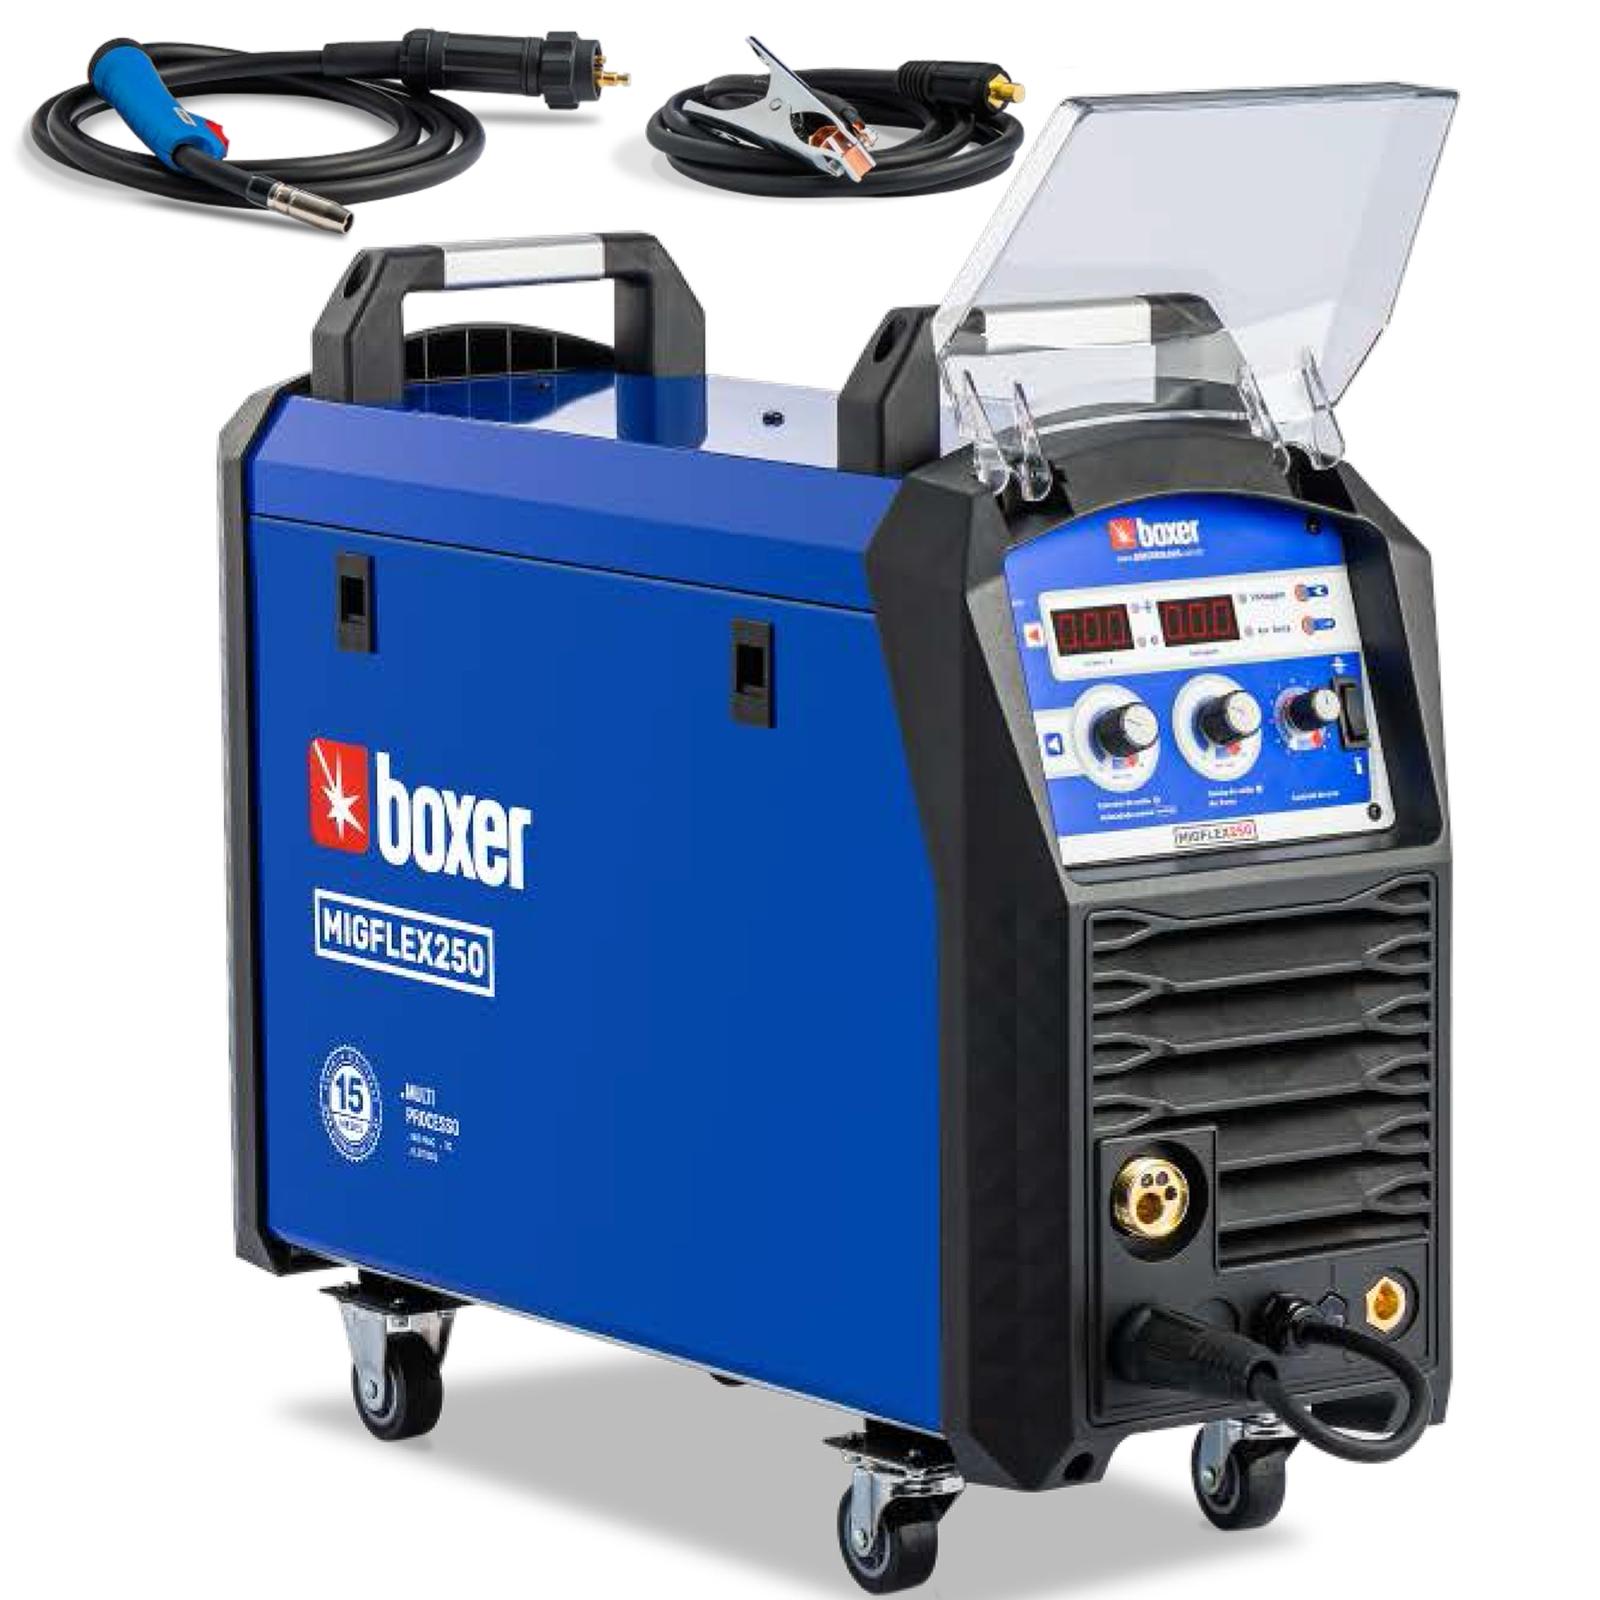 Máquina De Solda Mig Tig Eletrodo Boxer MigFlex250 220a 220v Te5 - Ferramentas MEP